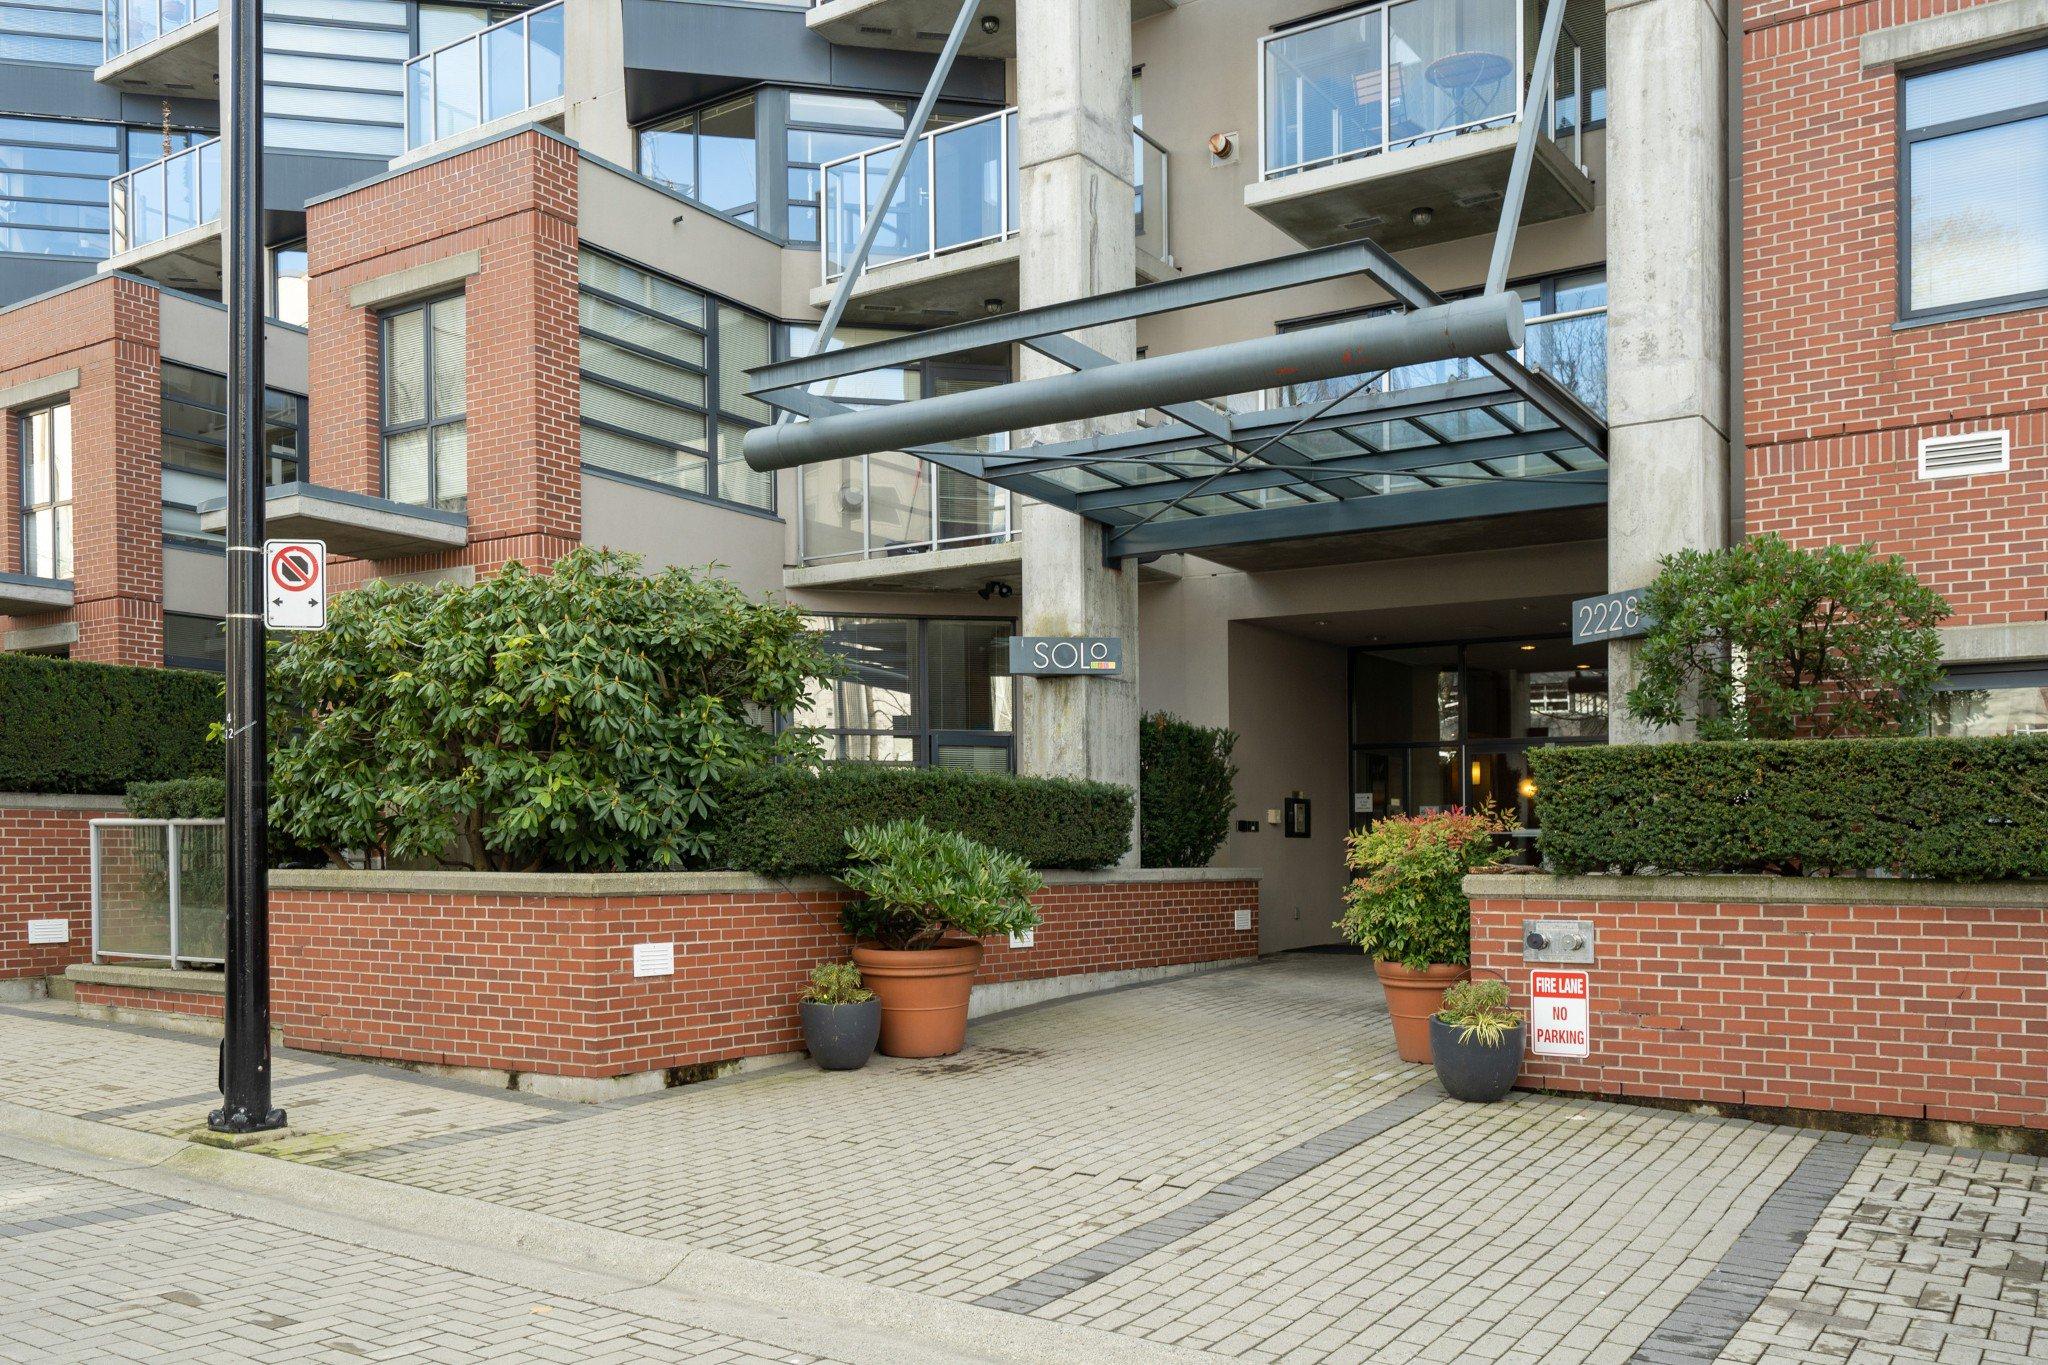 """Main Photo: 212 2228 MARSTRAND Avenue in Vancouver: Kitsilano Condo for sale in """"UNO"""" (Vancouver West)  : MLS®# R2437047"""